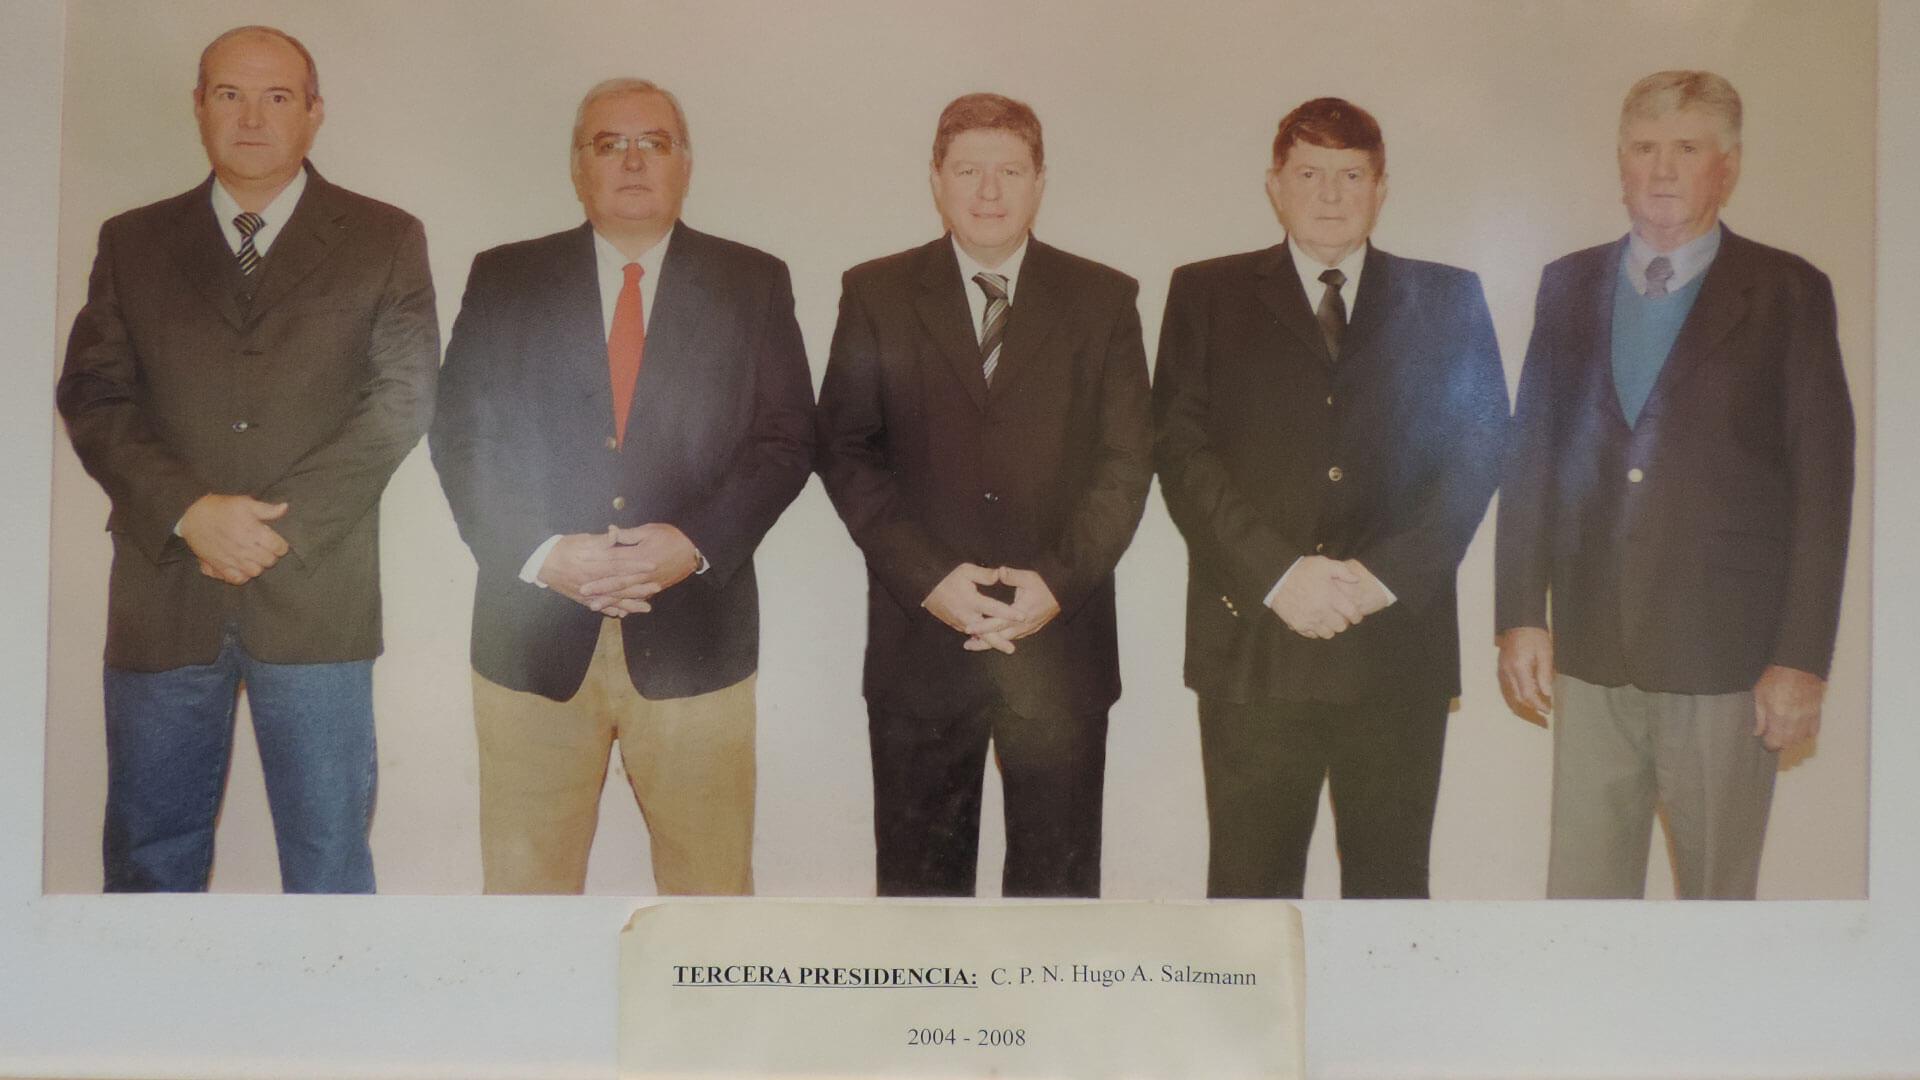 Tercera Presidencia